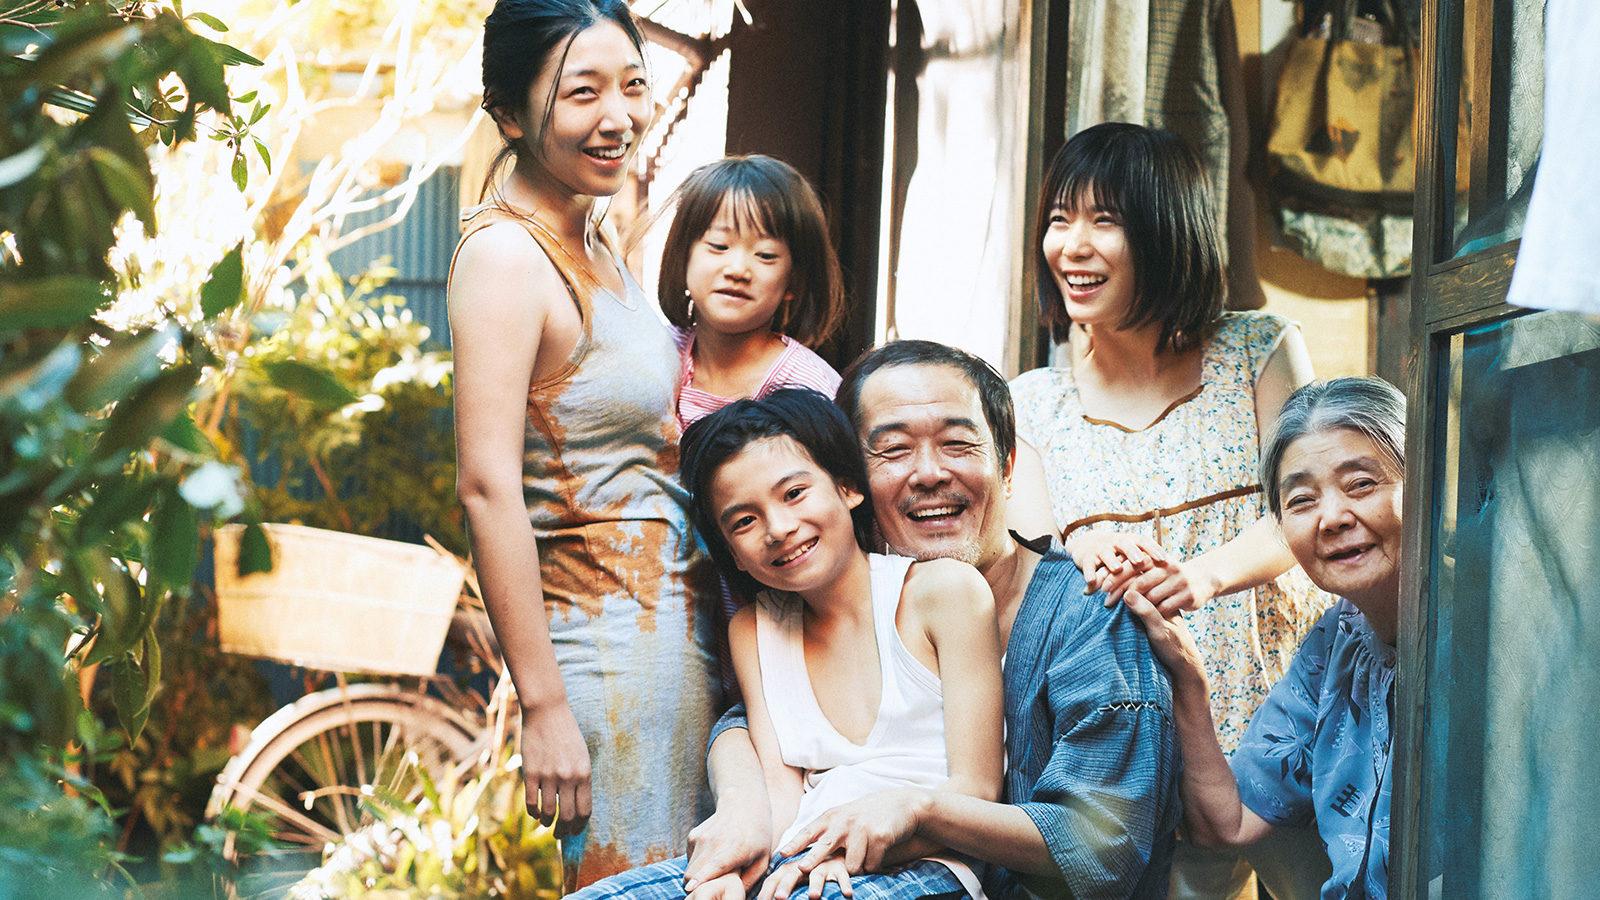 sinopsis-un-asunto-de-familia-shoplifters-mejor-pelicula-extranjera